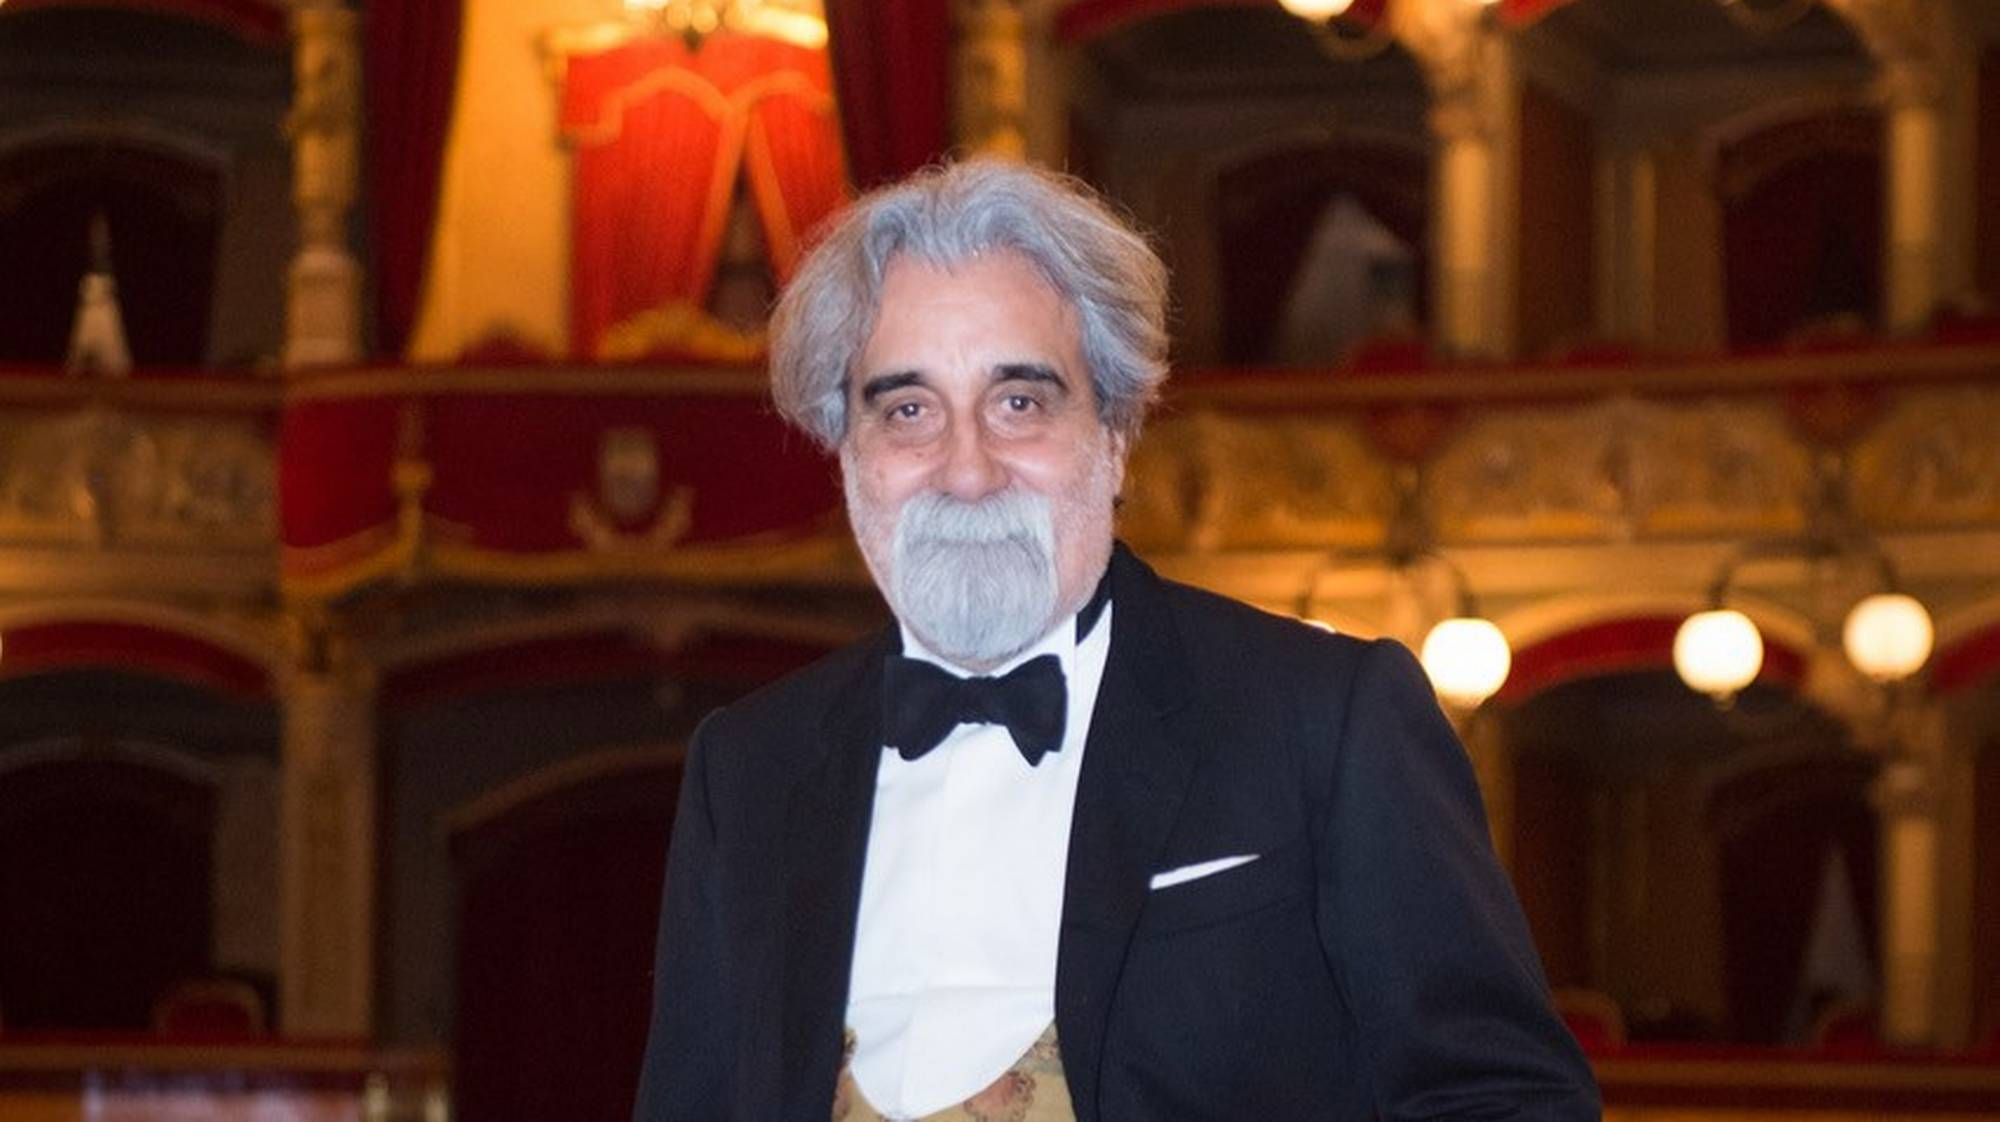 Showcase 70 volte Sanremo feat. Peppe Vessicchio e festumt - RSI  Radiotelevisione svizzera